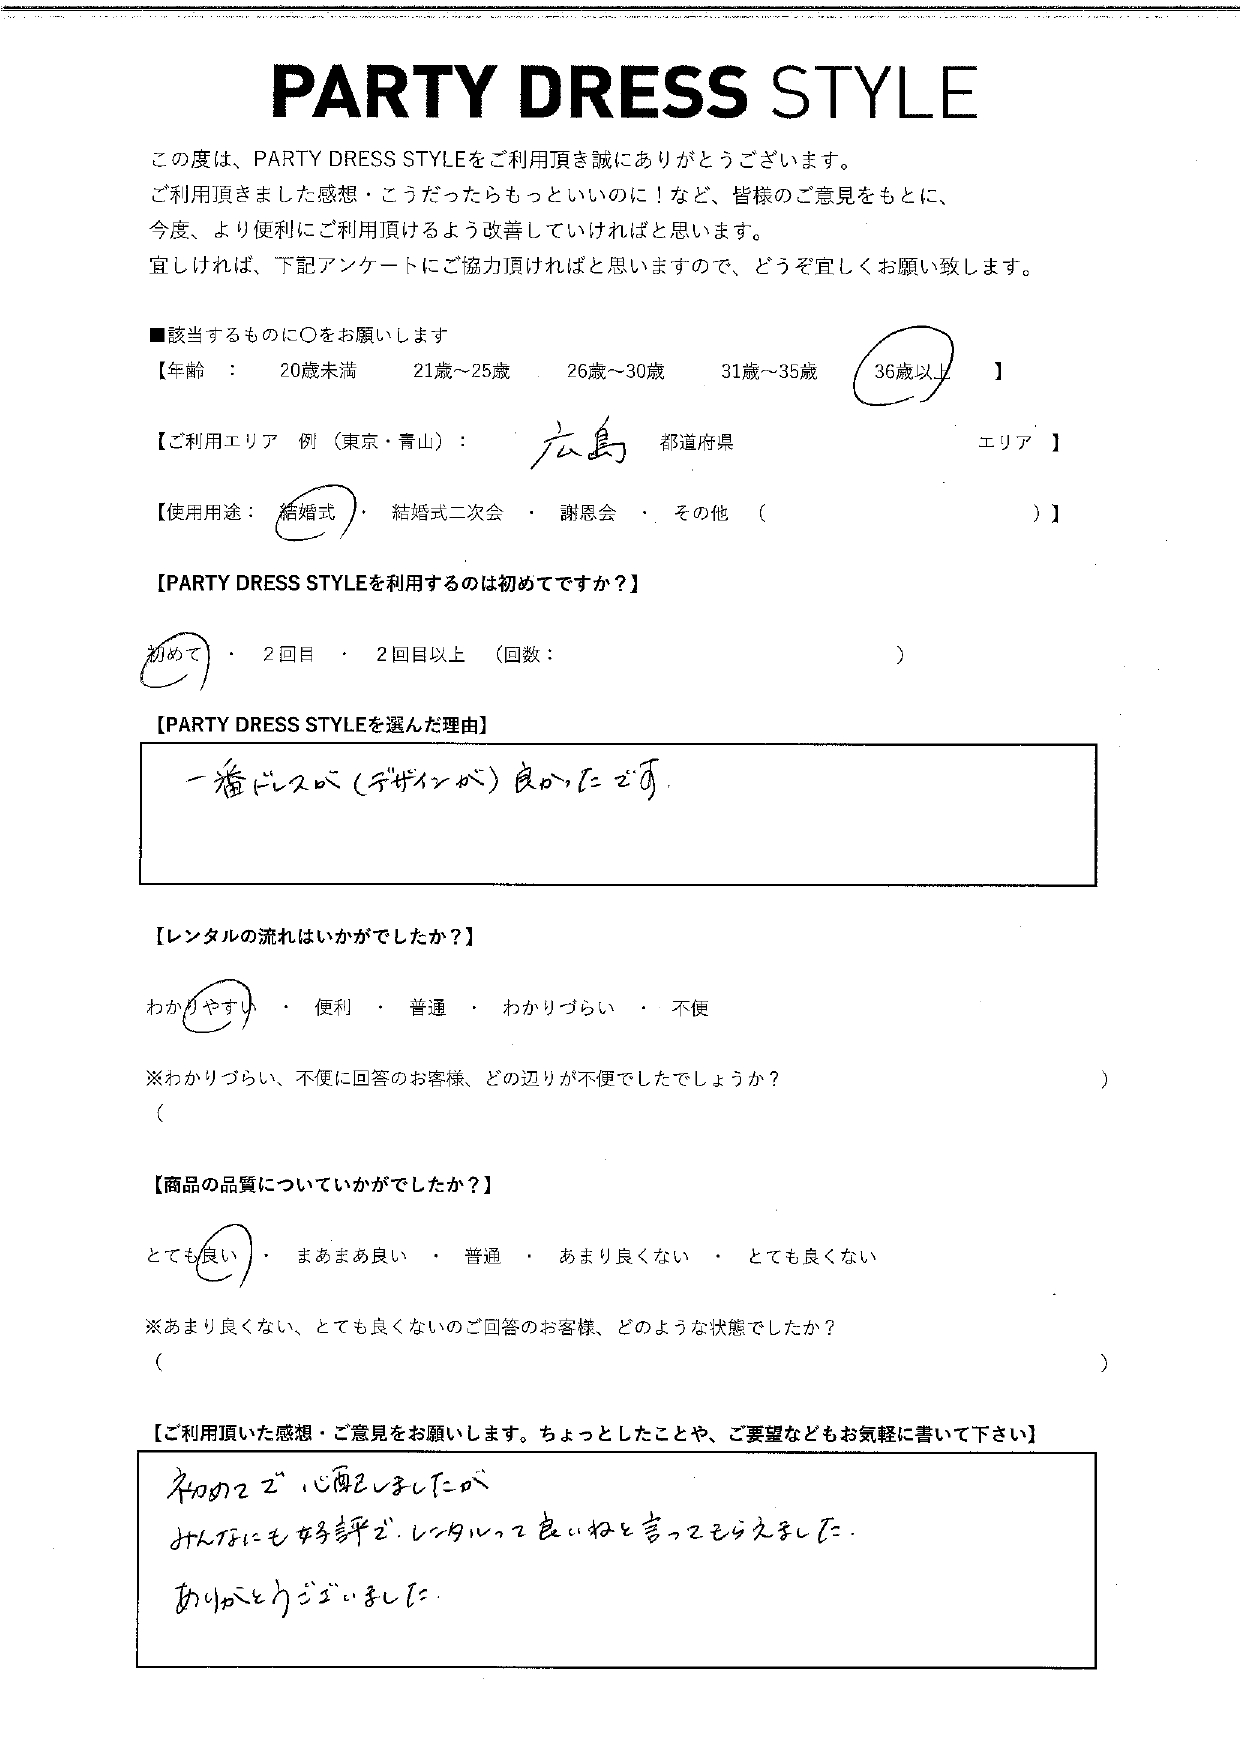 9/19結婚式ご利用 広島エリア